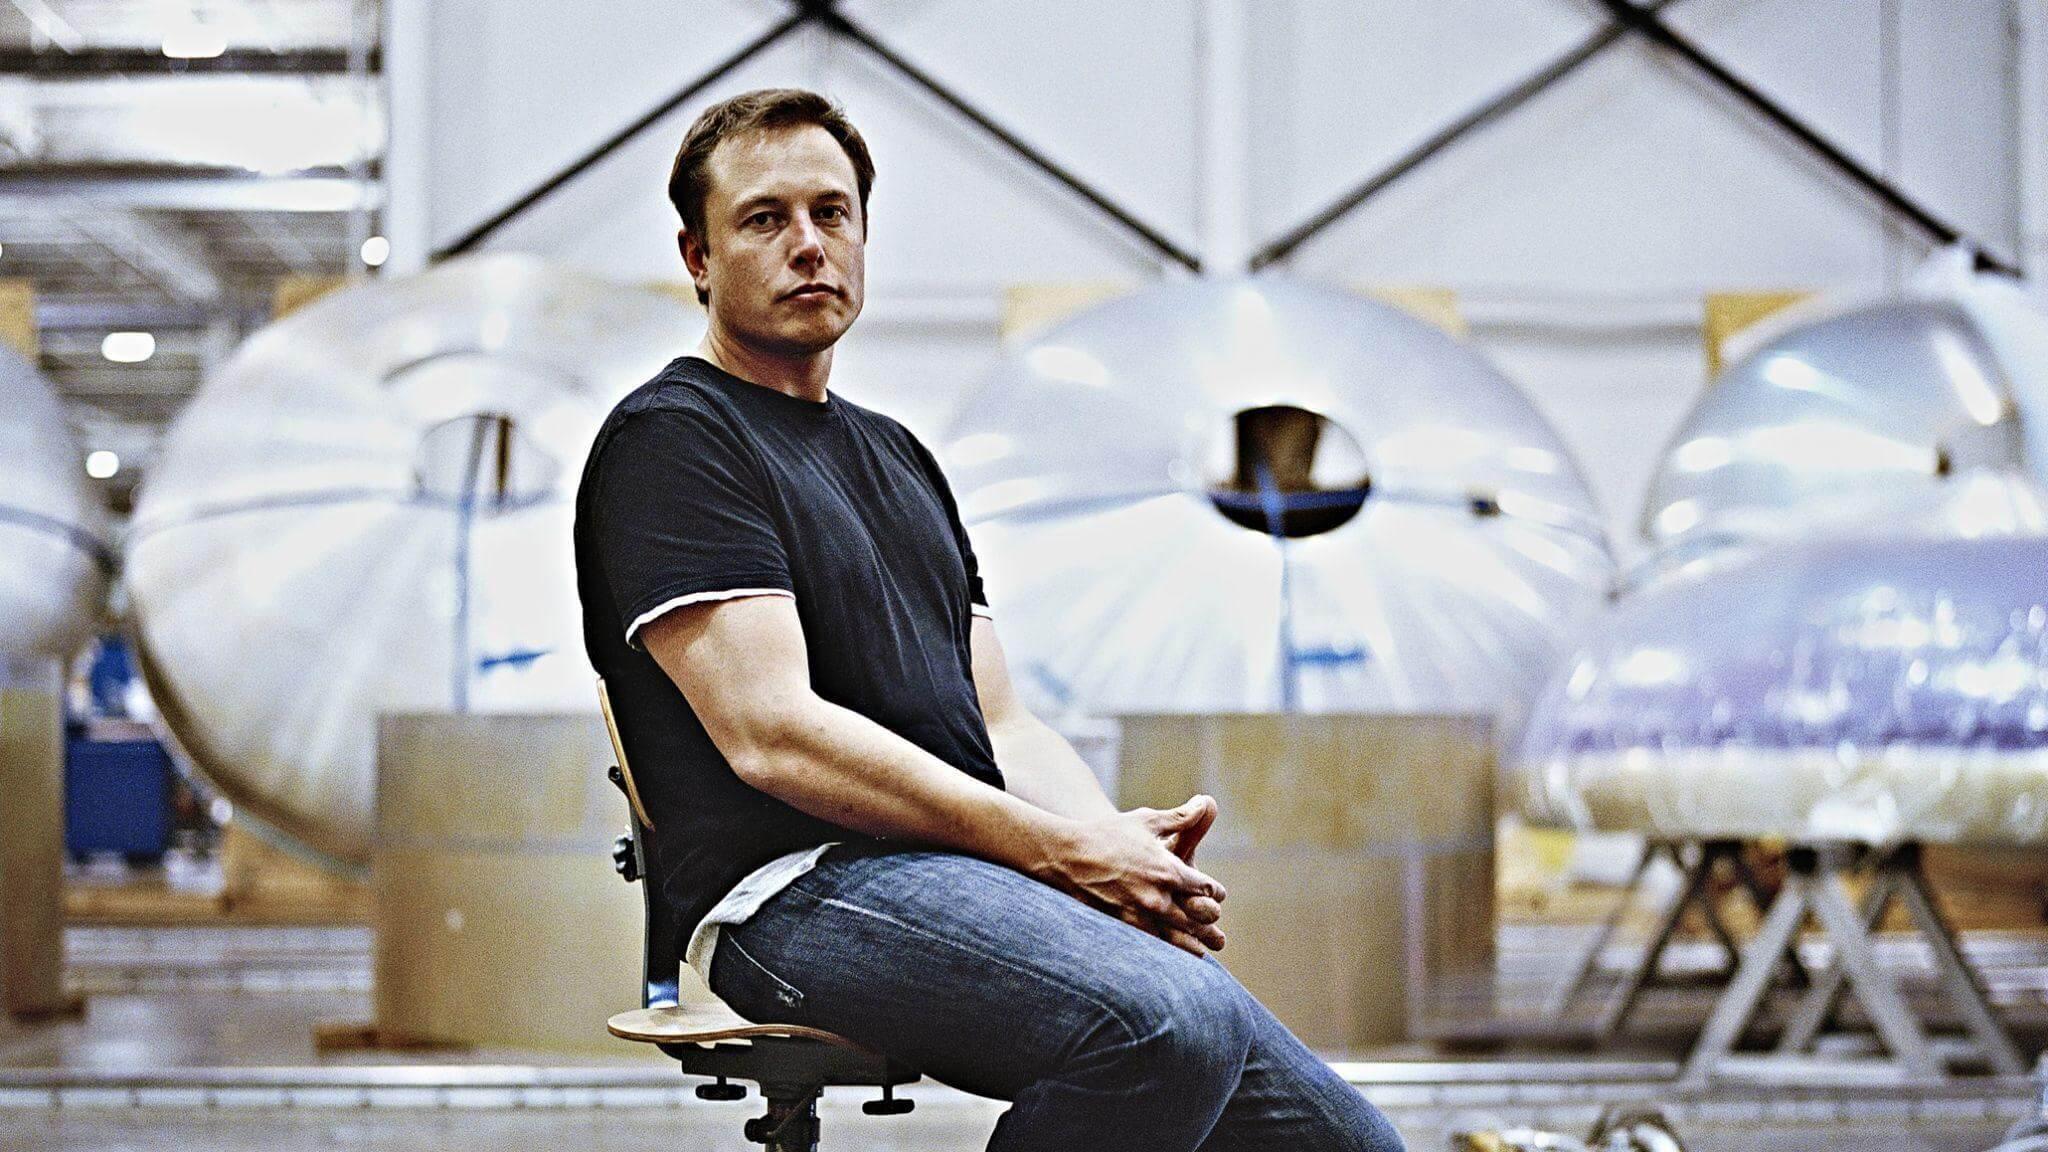 Elon Musk side look